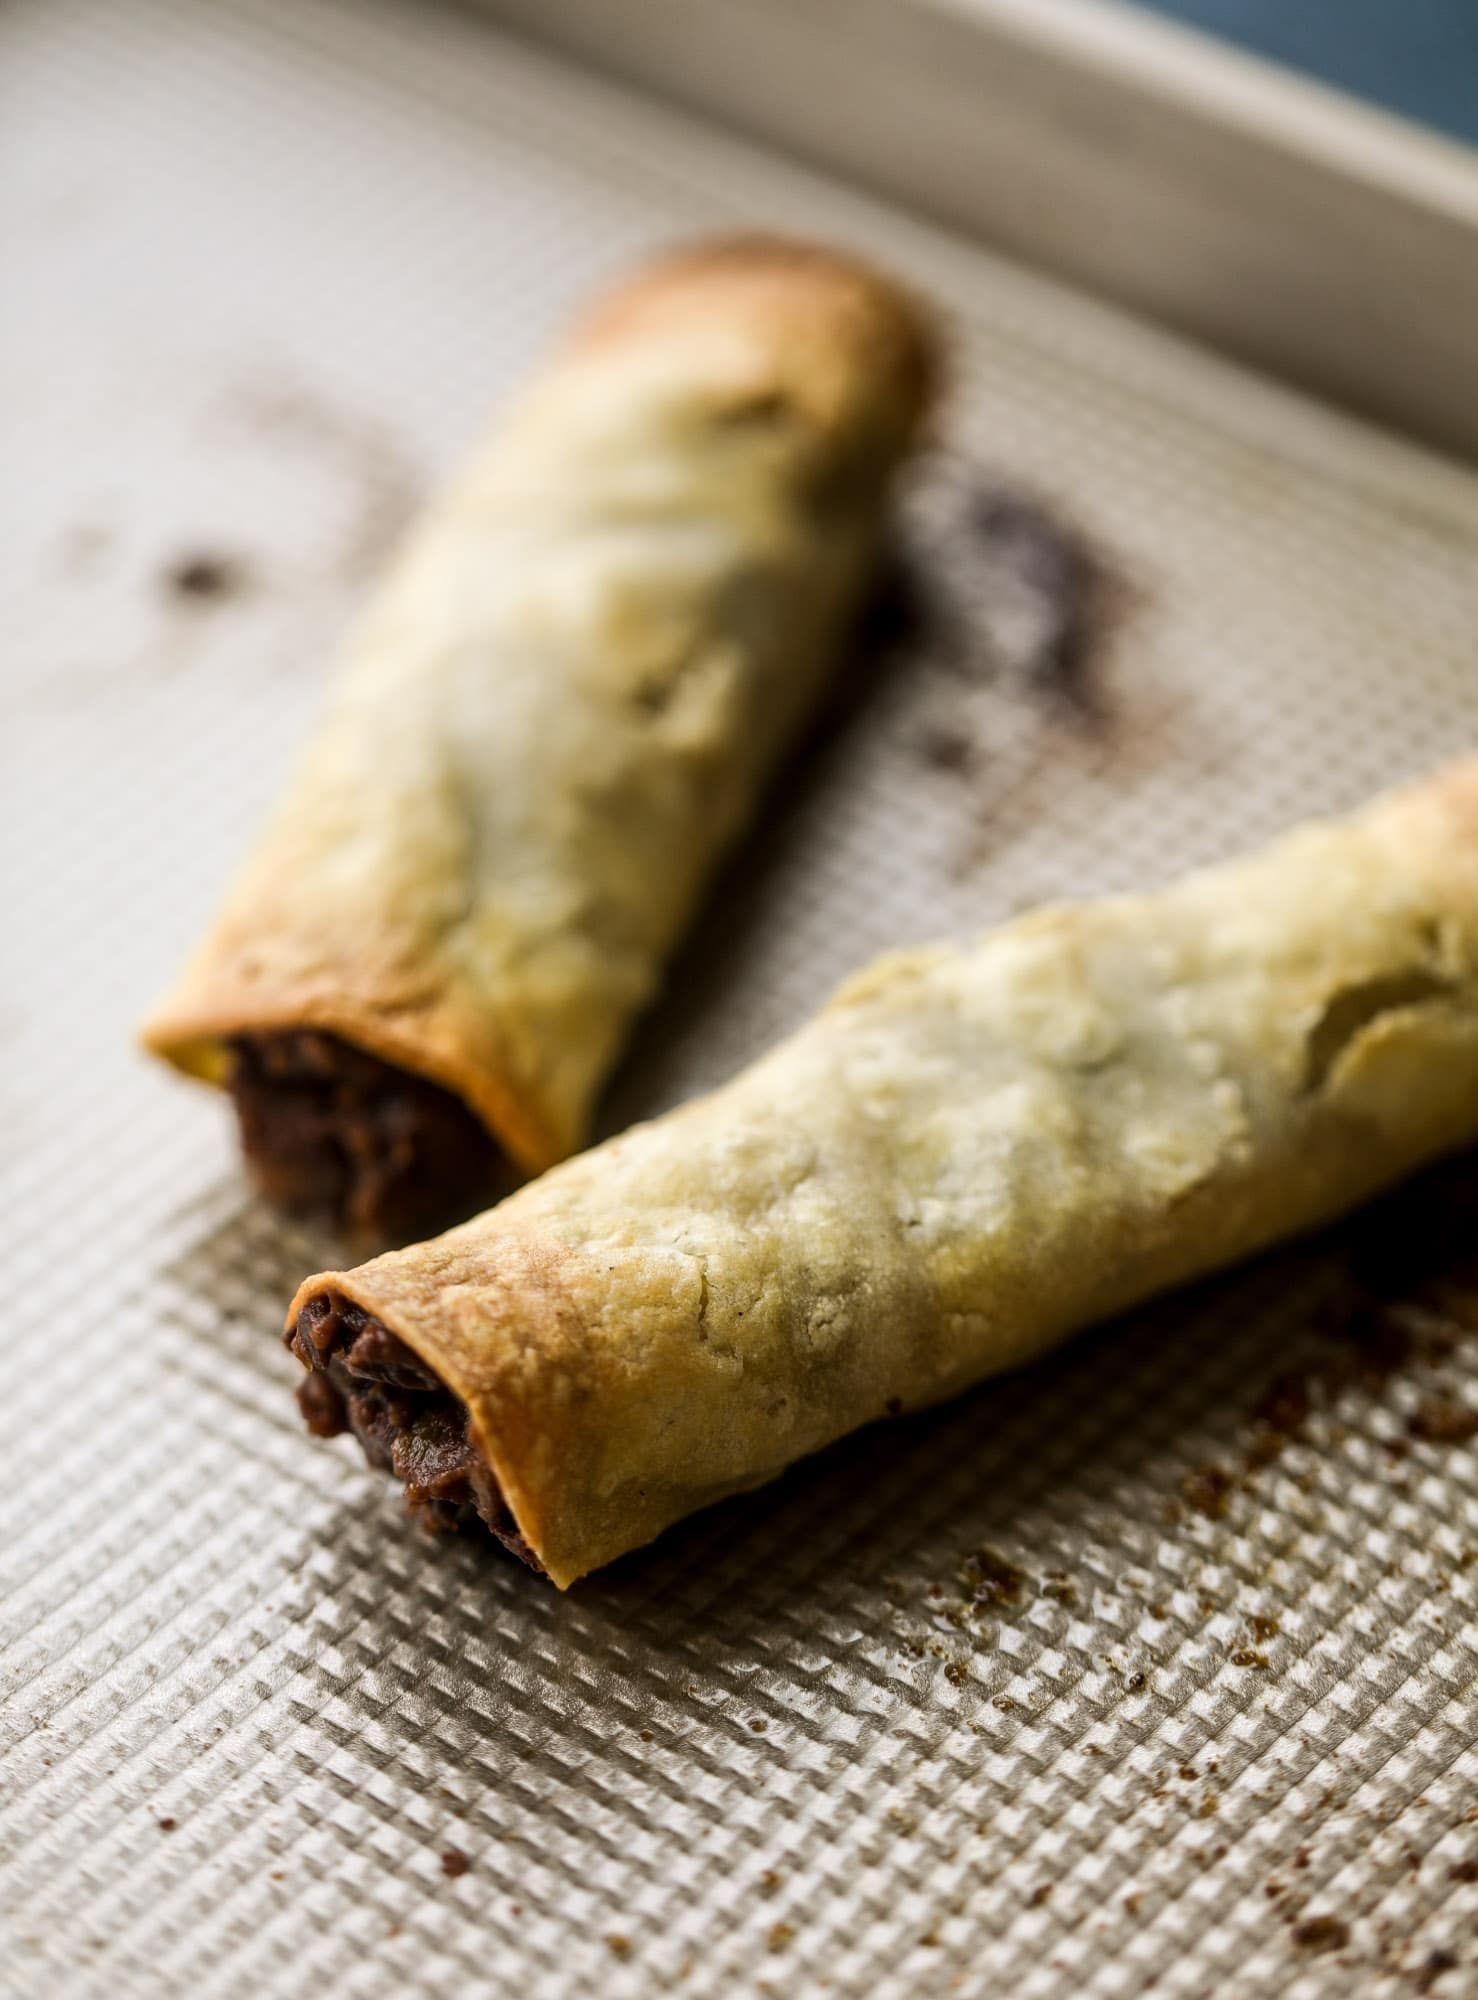 Taquitos Recipe – Baked Black Bean Taquitos with Avocado Pico